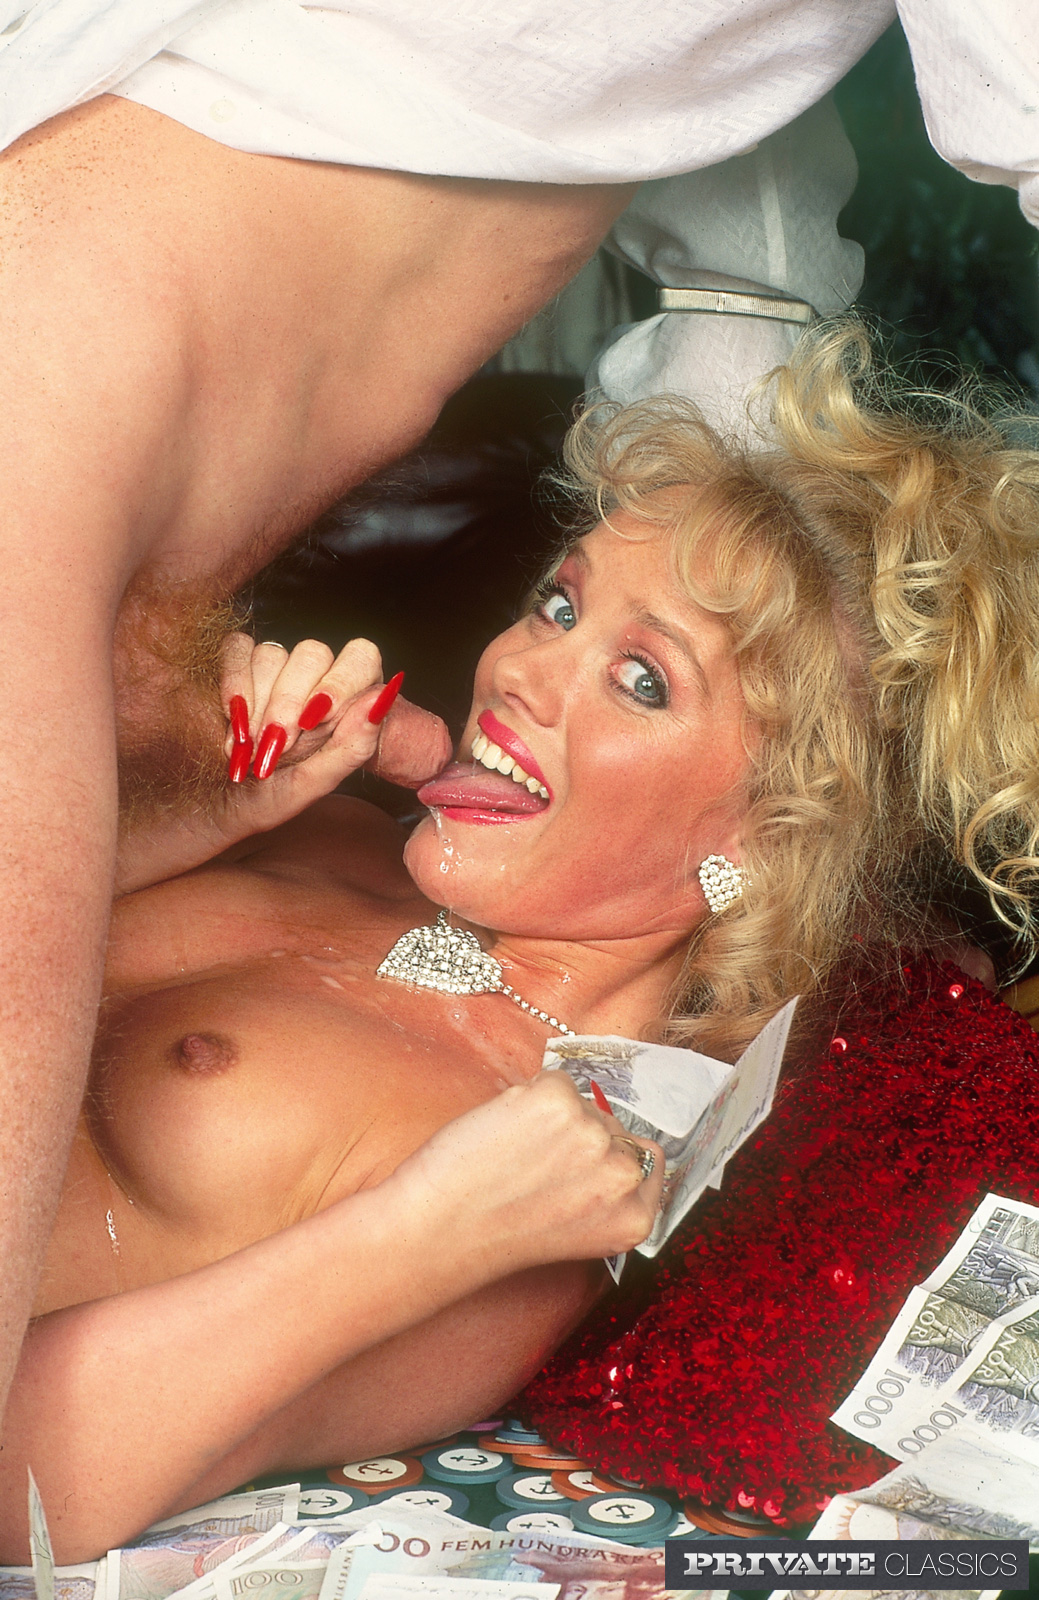 Louise Germaine Nude